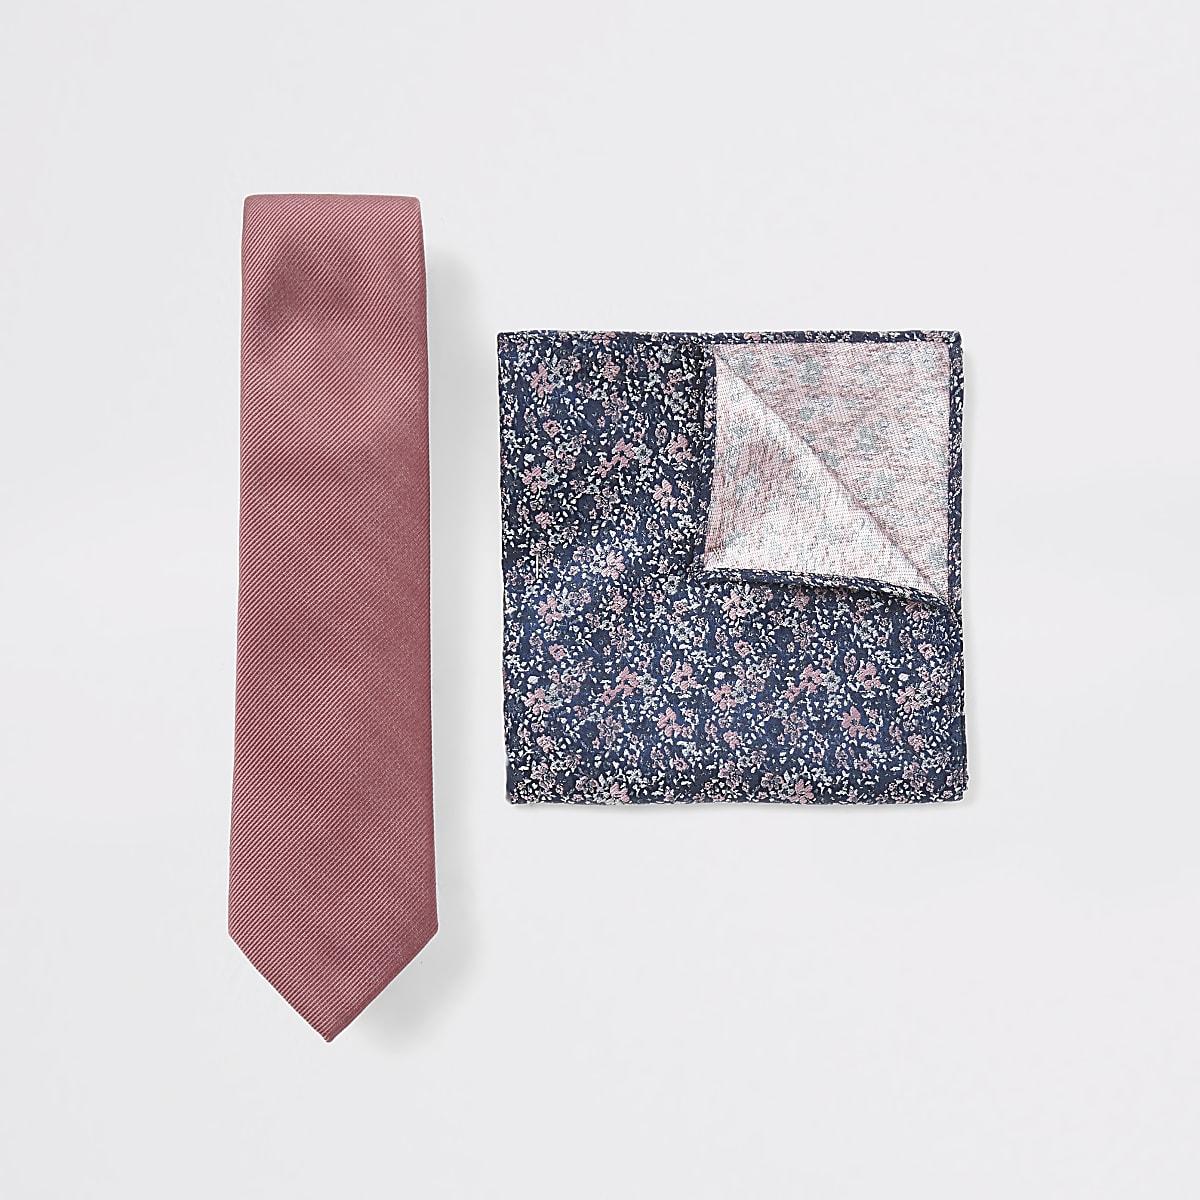 Set met roze stropdas met bloemenprint en zakdoek